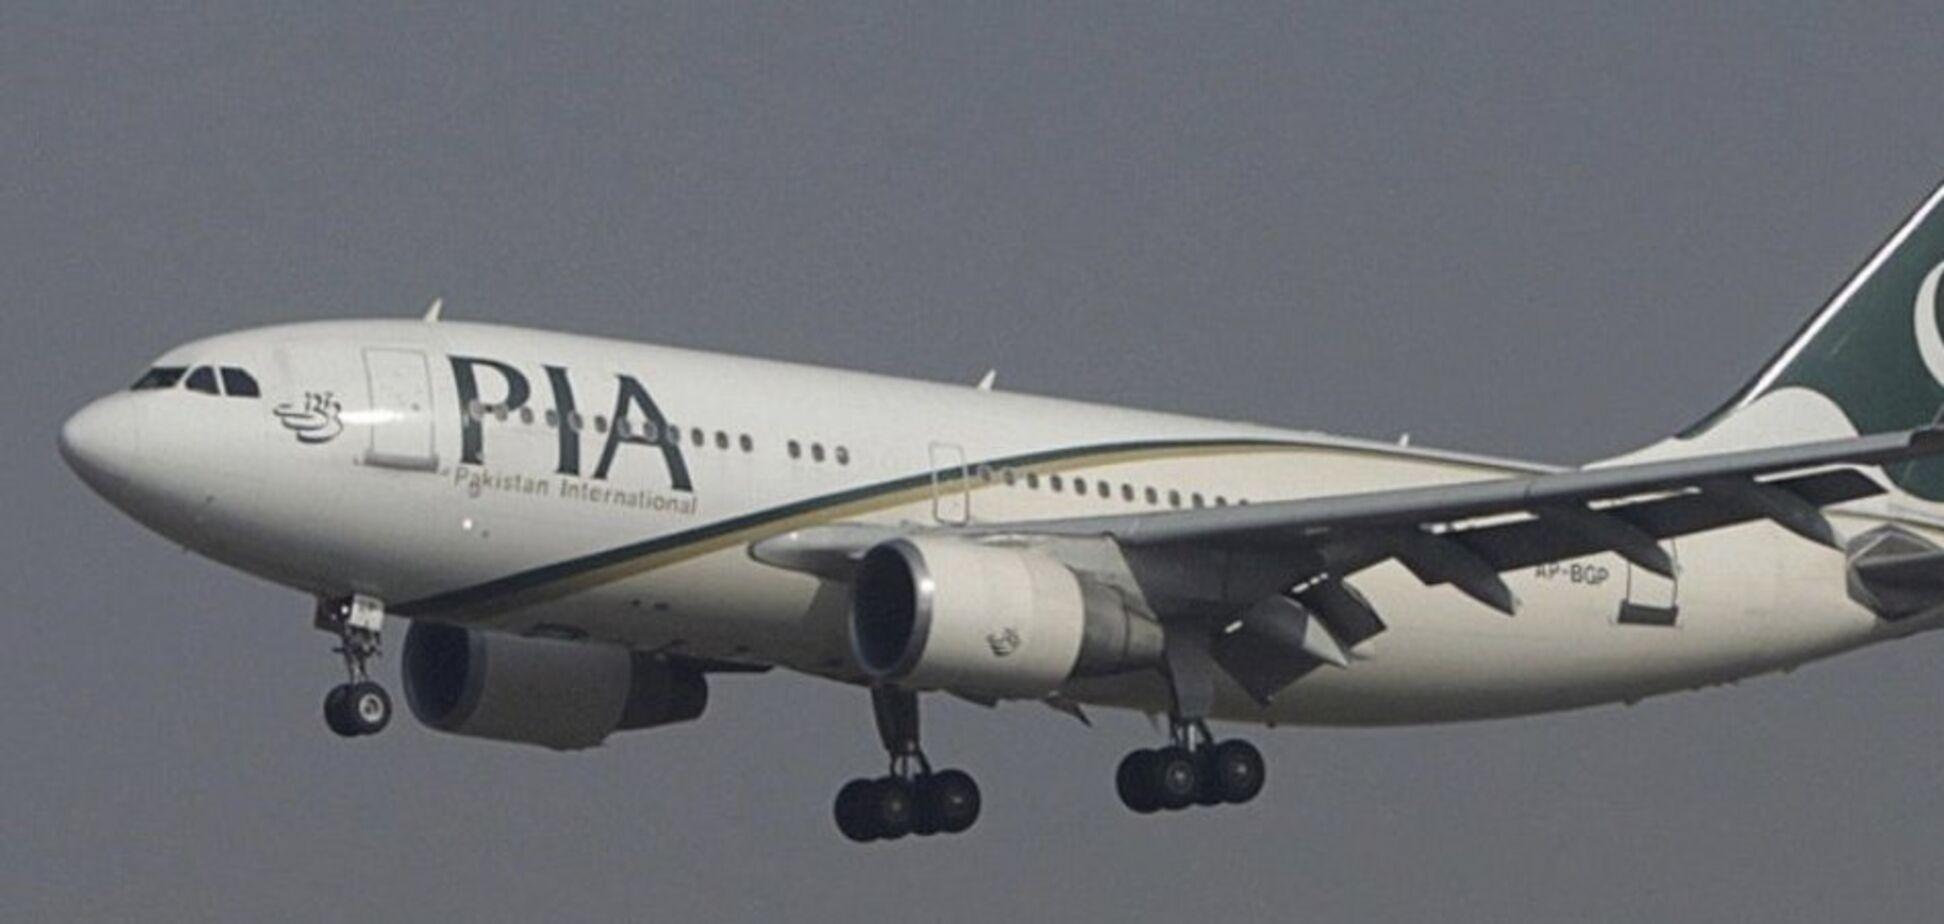 Момент падения самолета в Пакистане: страшное видео назвали фейком